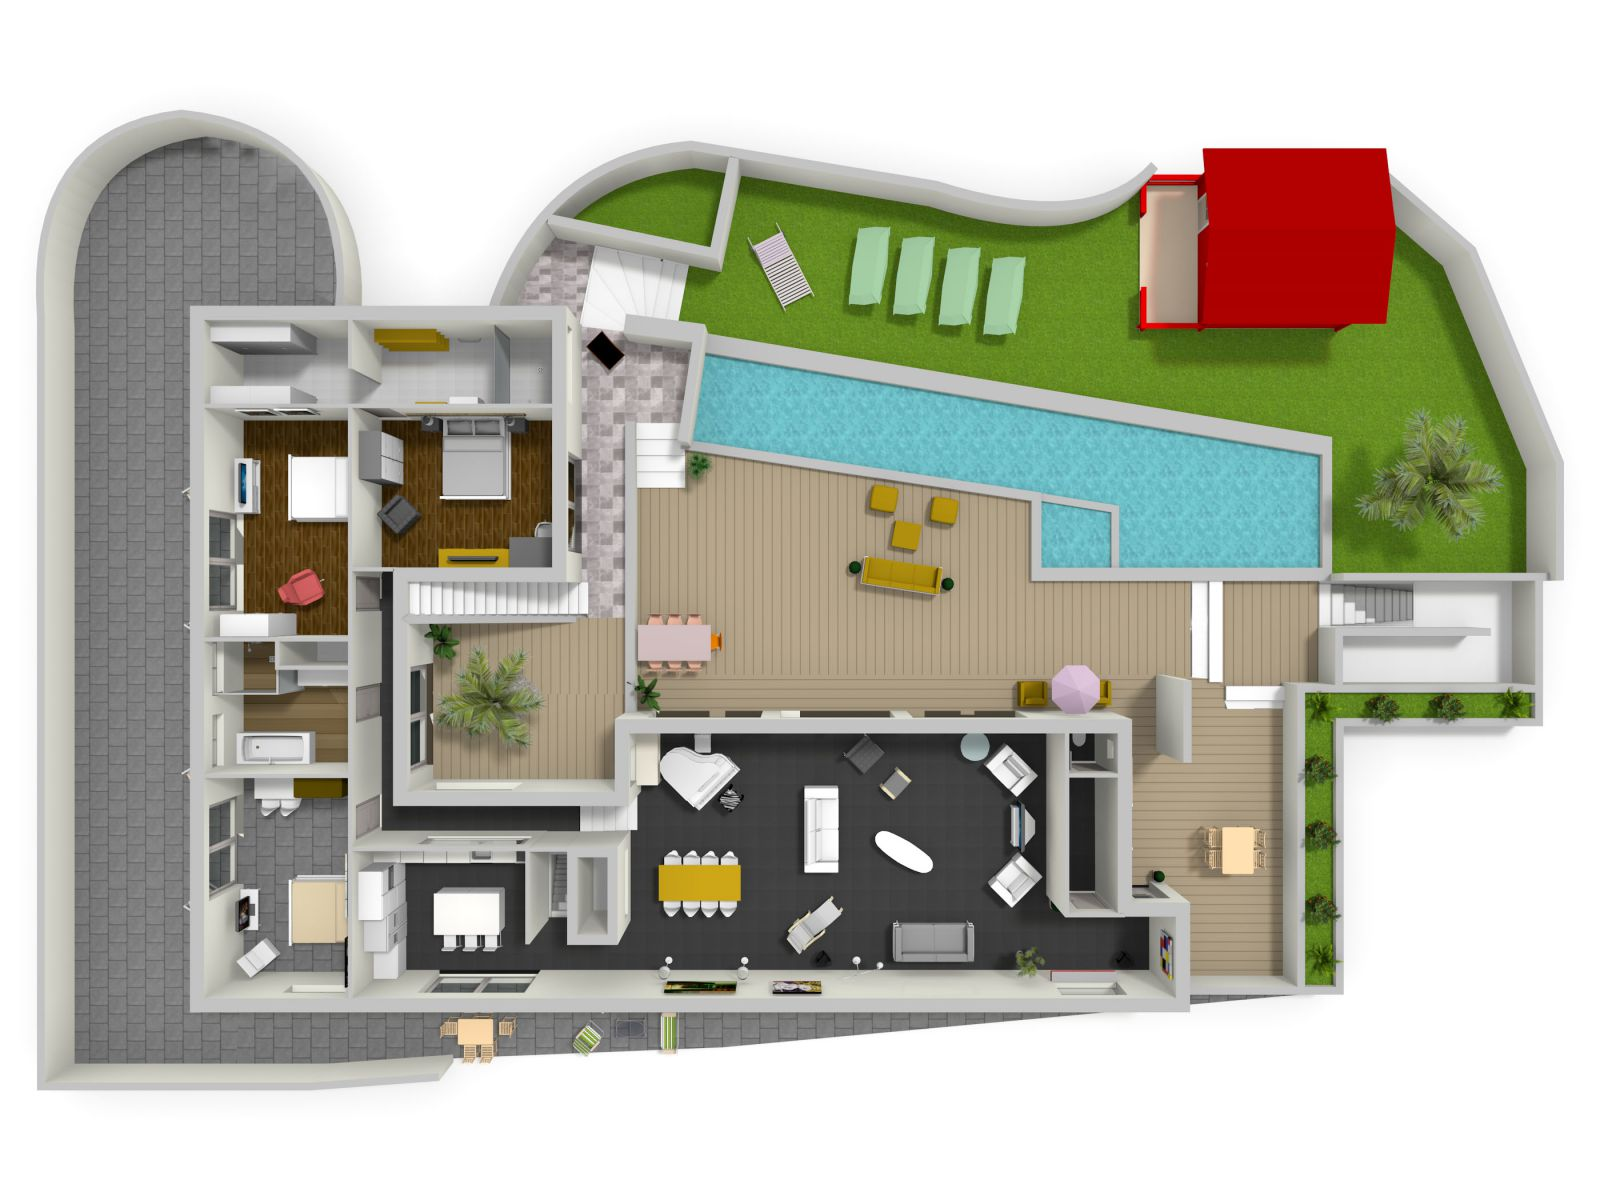 Plan 3d maison moderne maison moderne for Site 3d maison